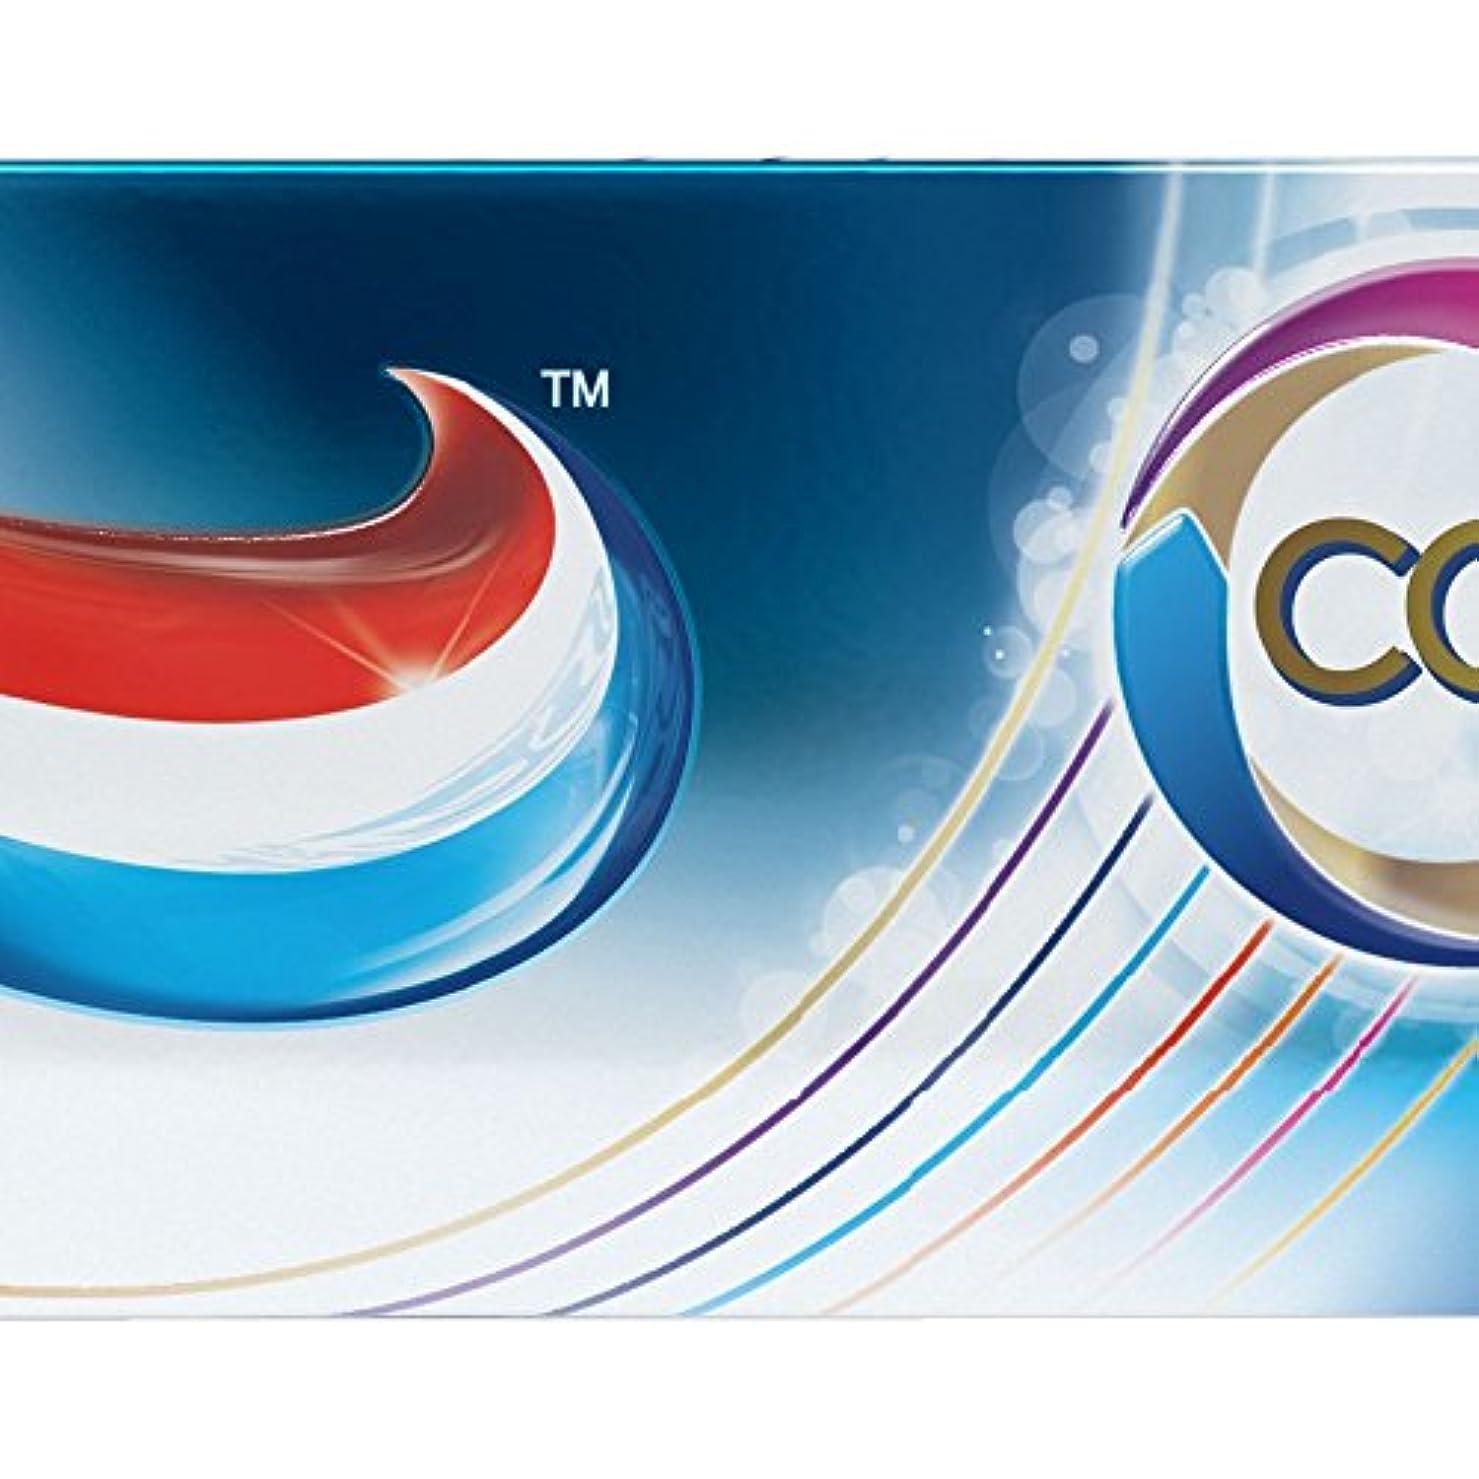 ペダル興奮する収入Aquafresh Complete Care Fluoride Toothpaste (75ml) アクアフレッシュコンプリートケアフッ化物歯磨き粉( 75ミリリットル) [並行輸入品]